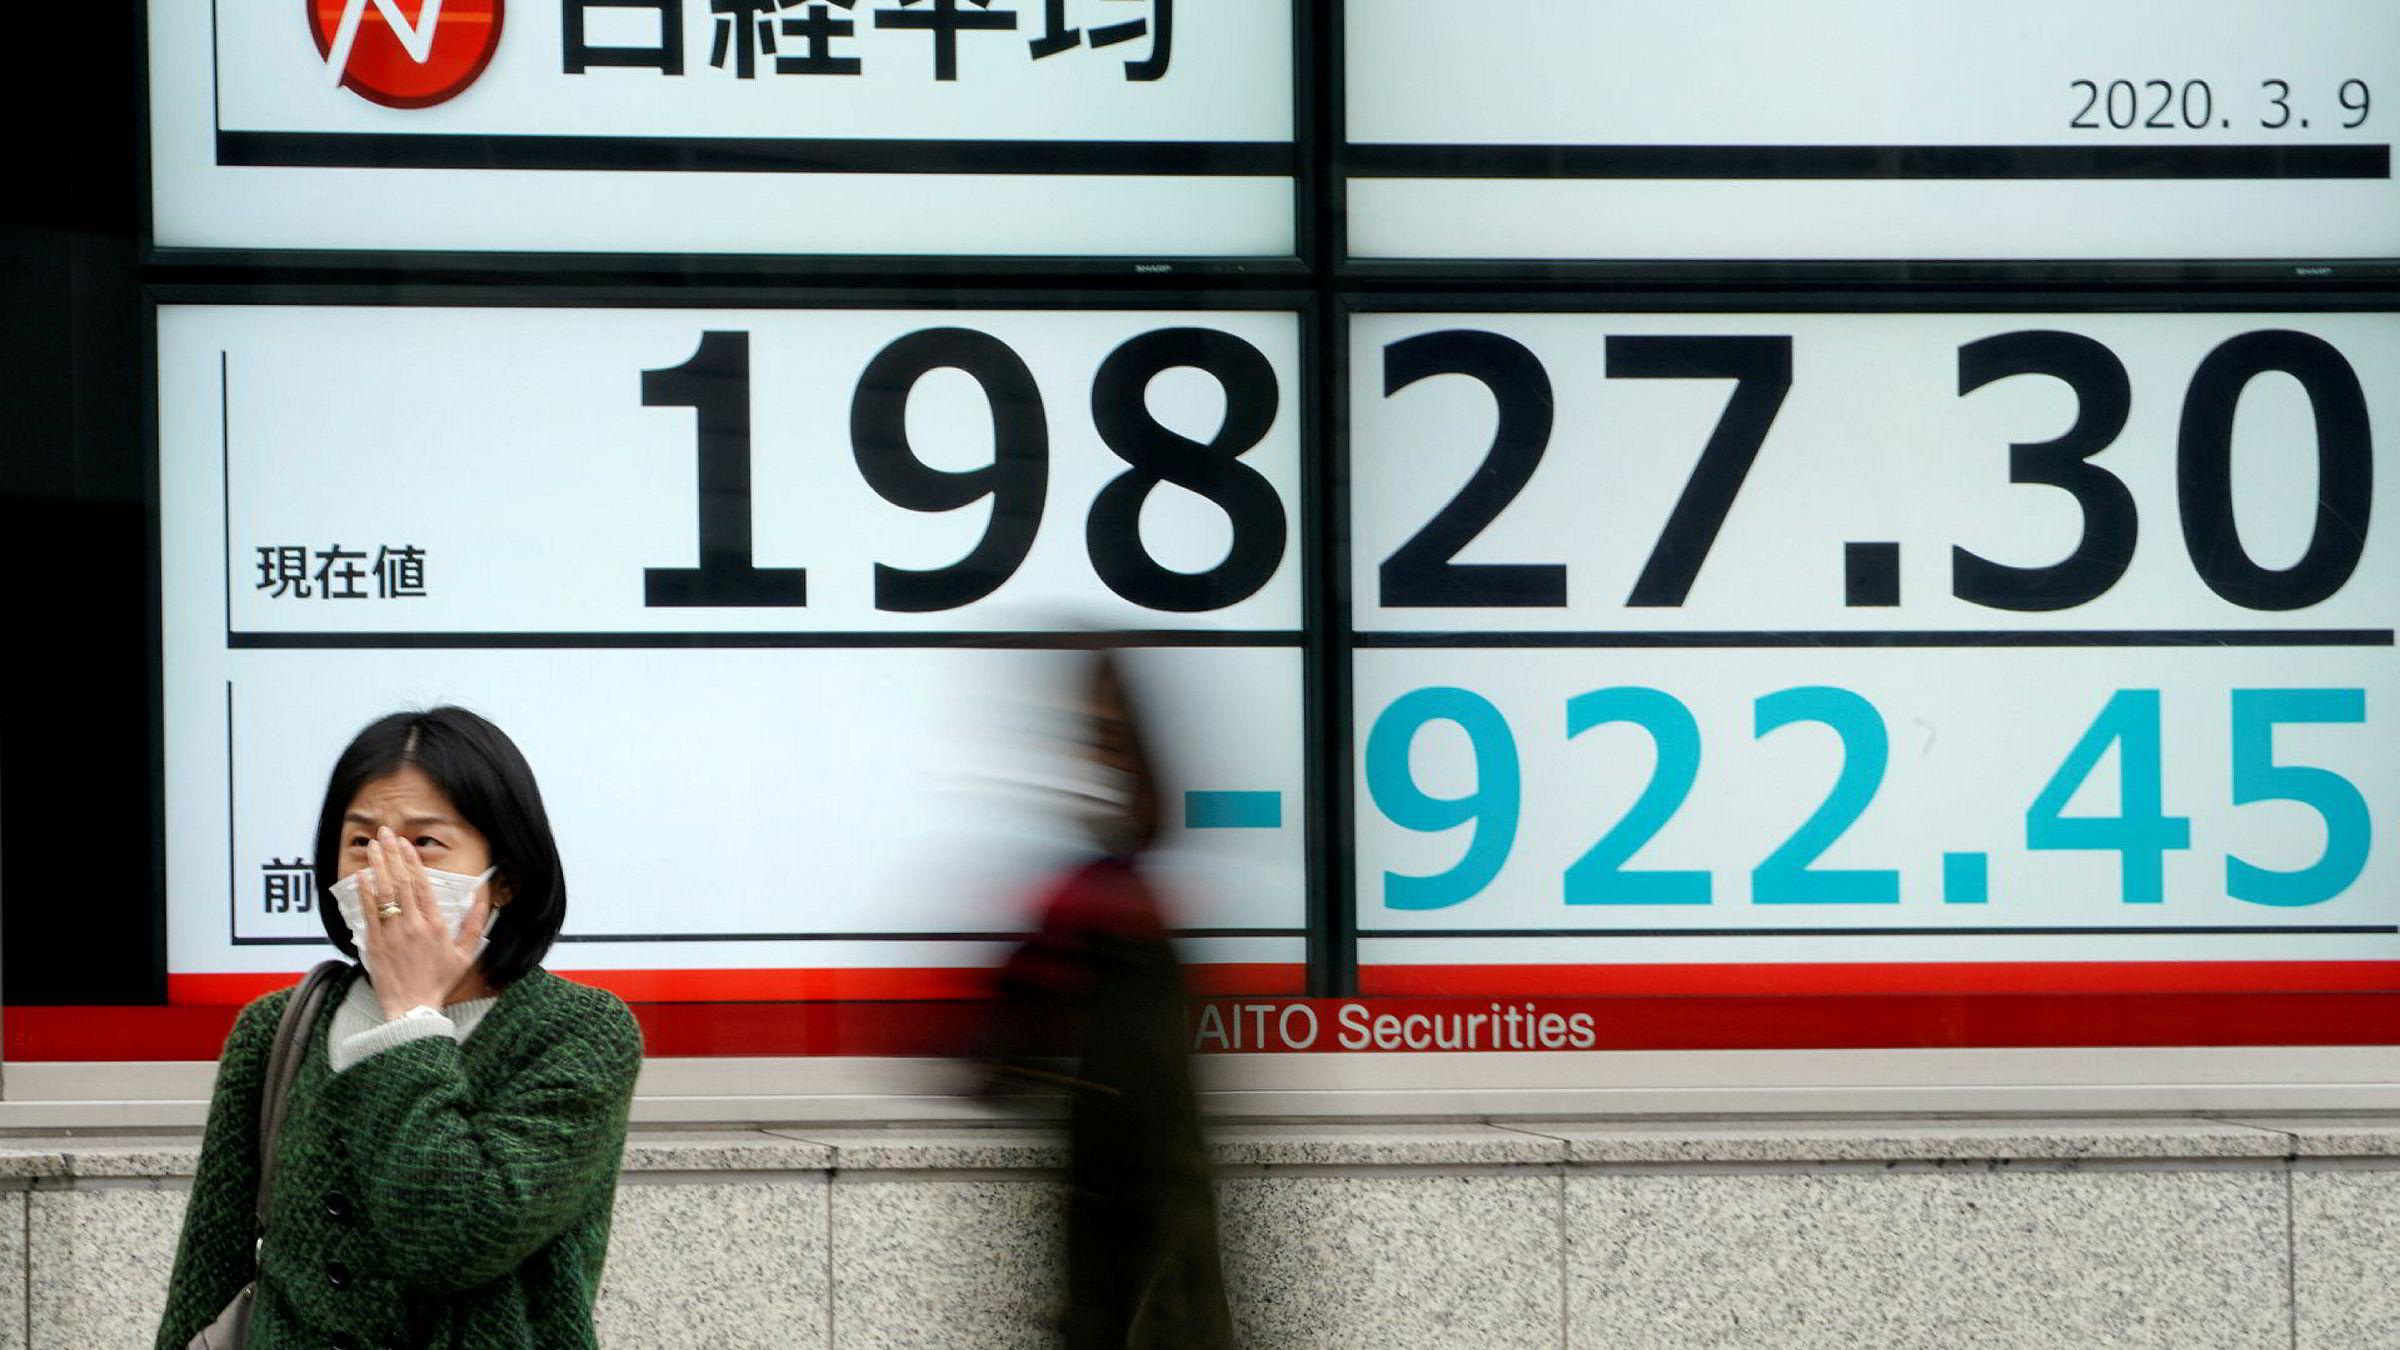 Da handelen startet ved Asia-børsene mandag morgen, pekte pilene ned umiddelbart. Nikkie-indeksen ved Tokyo-børsen har falt med nesten 20 prosent siden januar. Det er en bred nedgang i hele Asia. Dette ventes å fortsette i Europa og resten av verden.